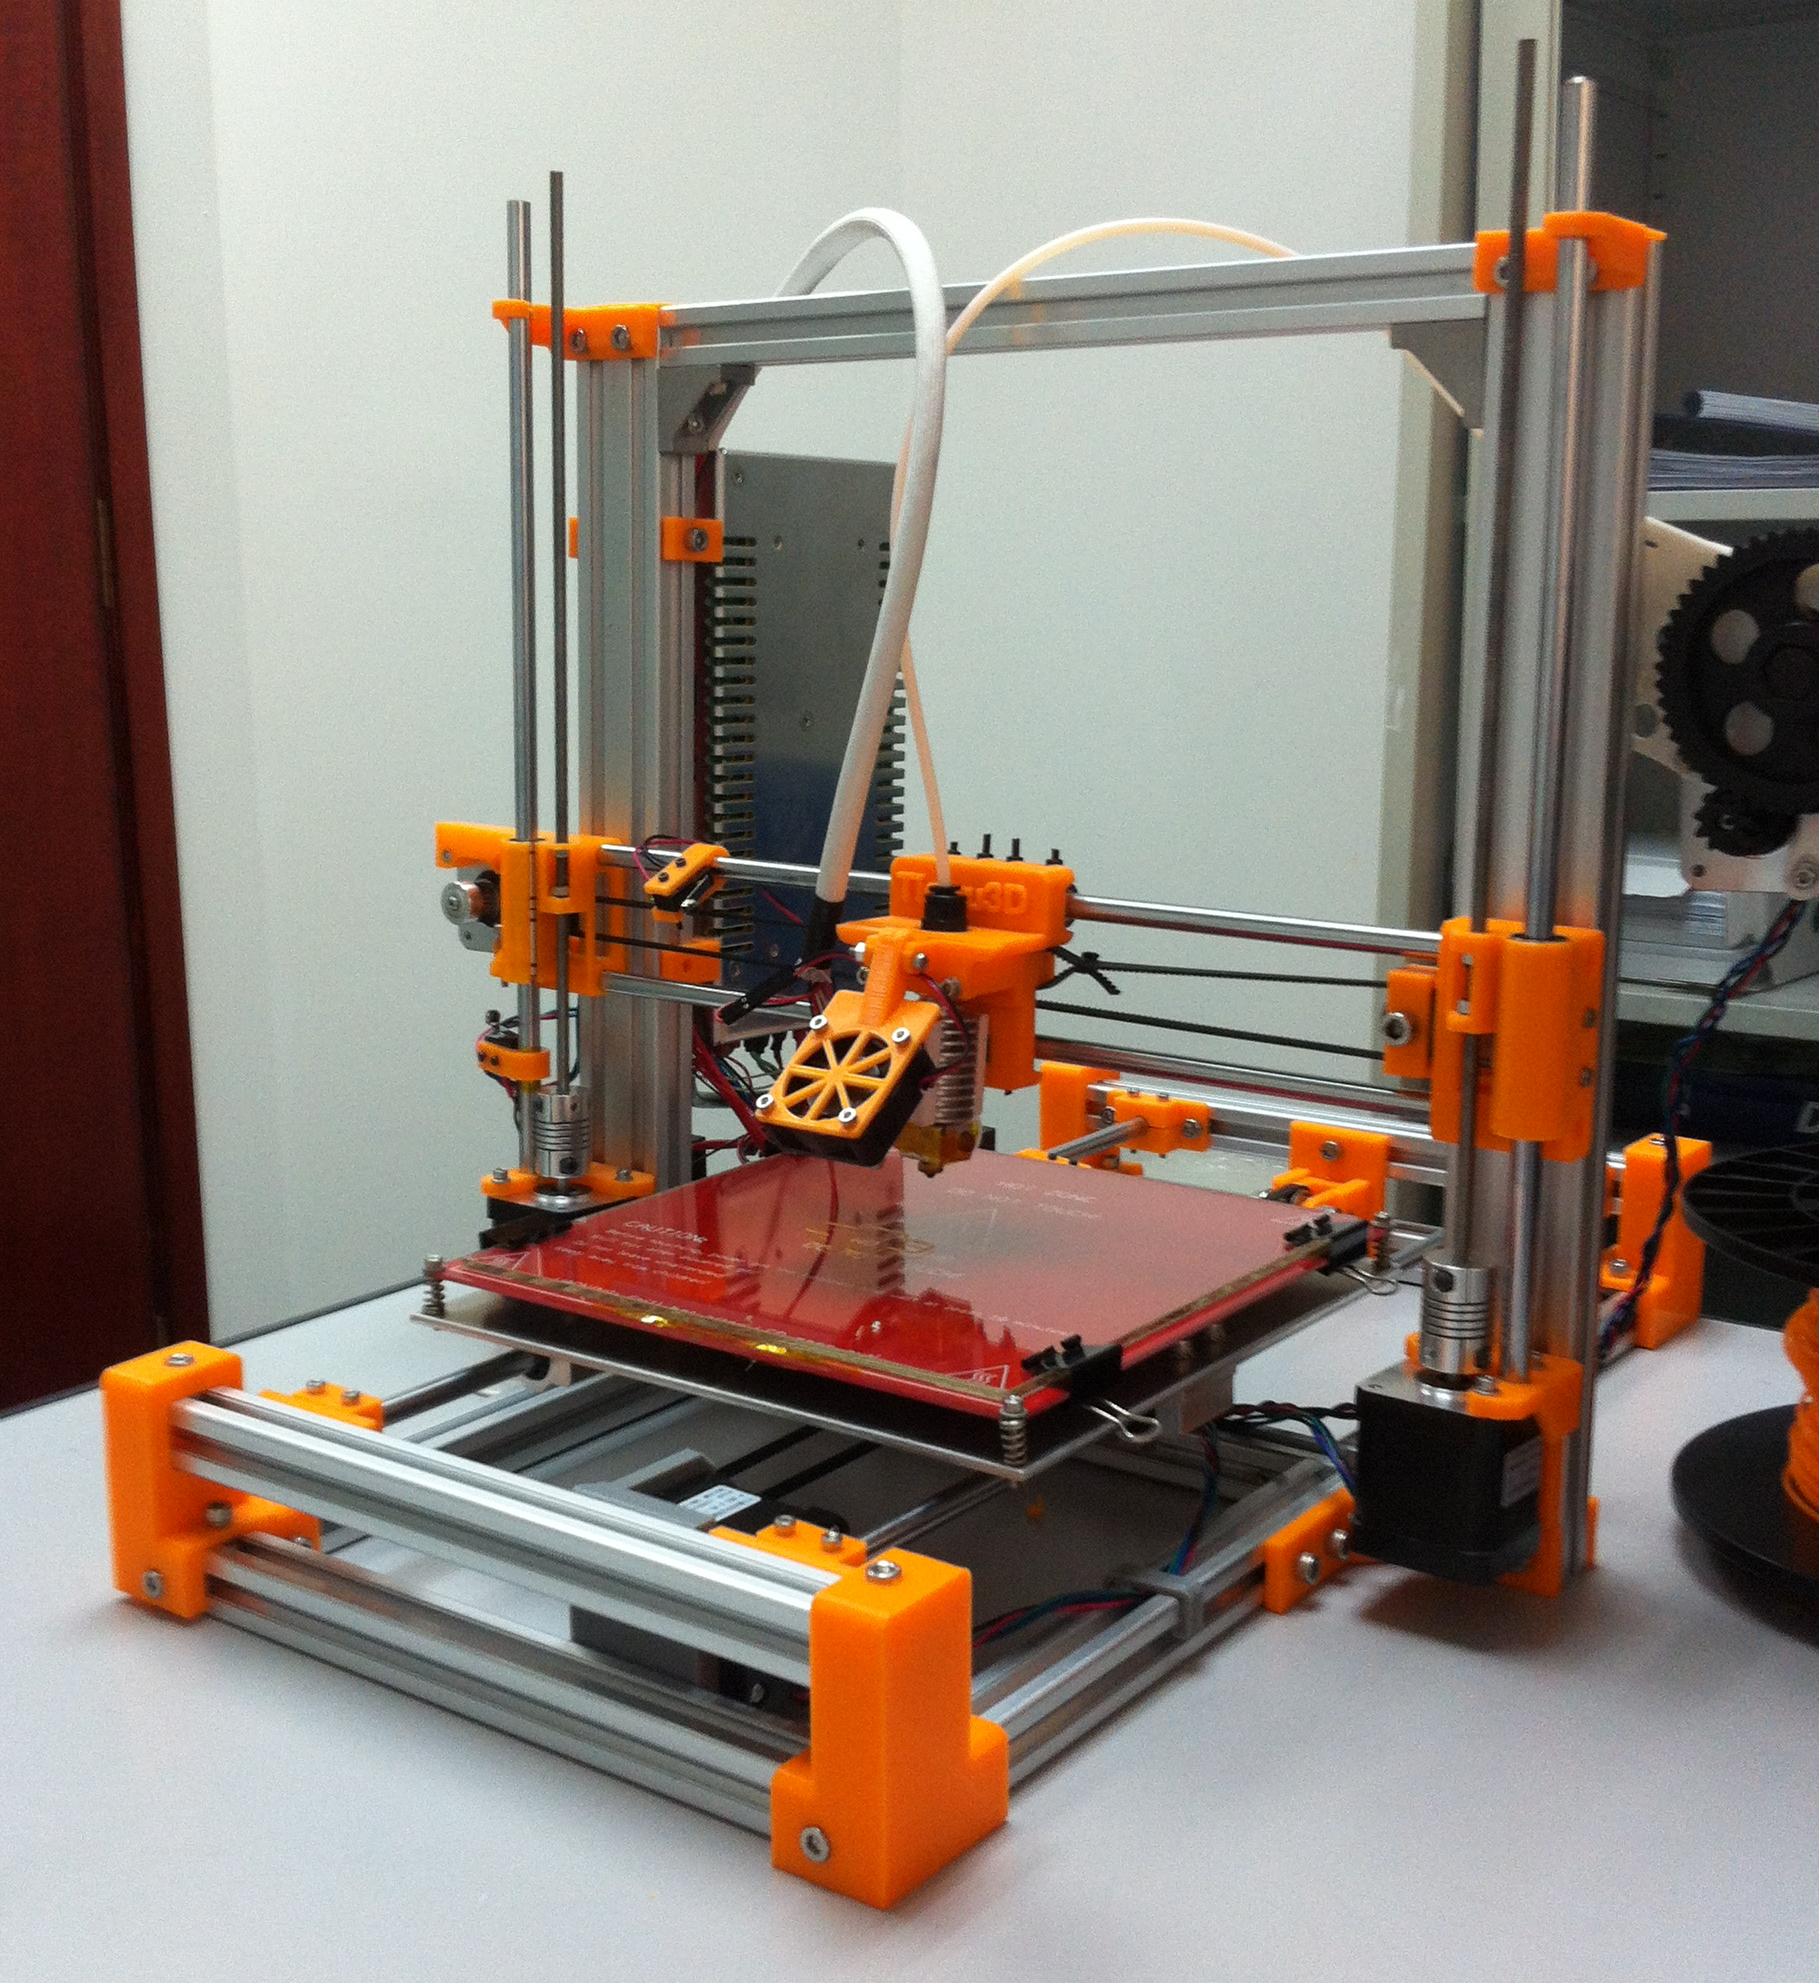 3d Printing Penang